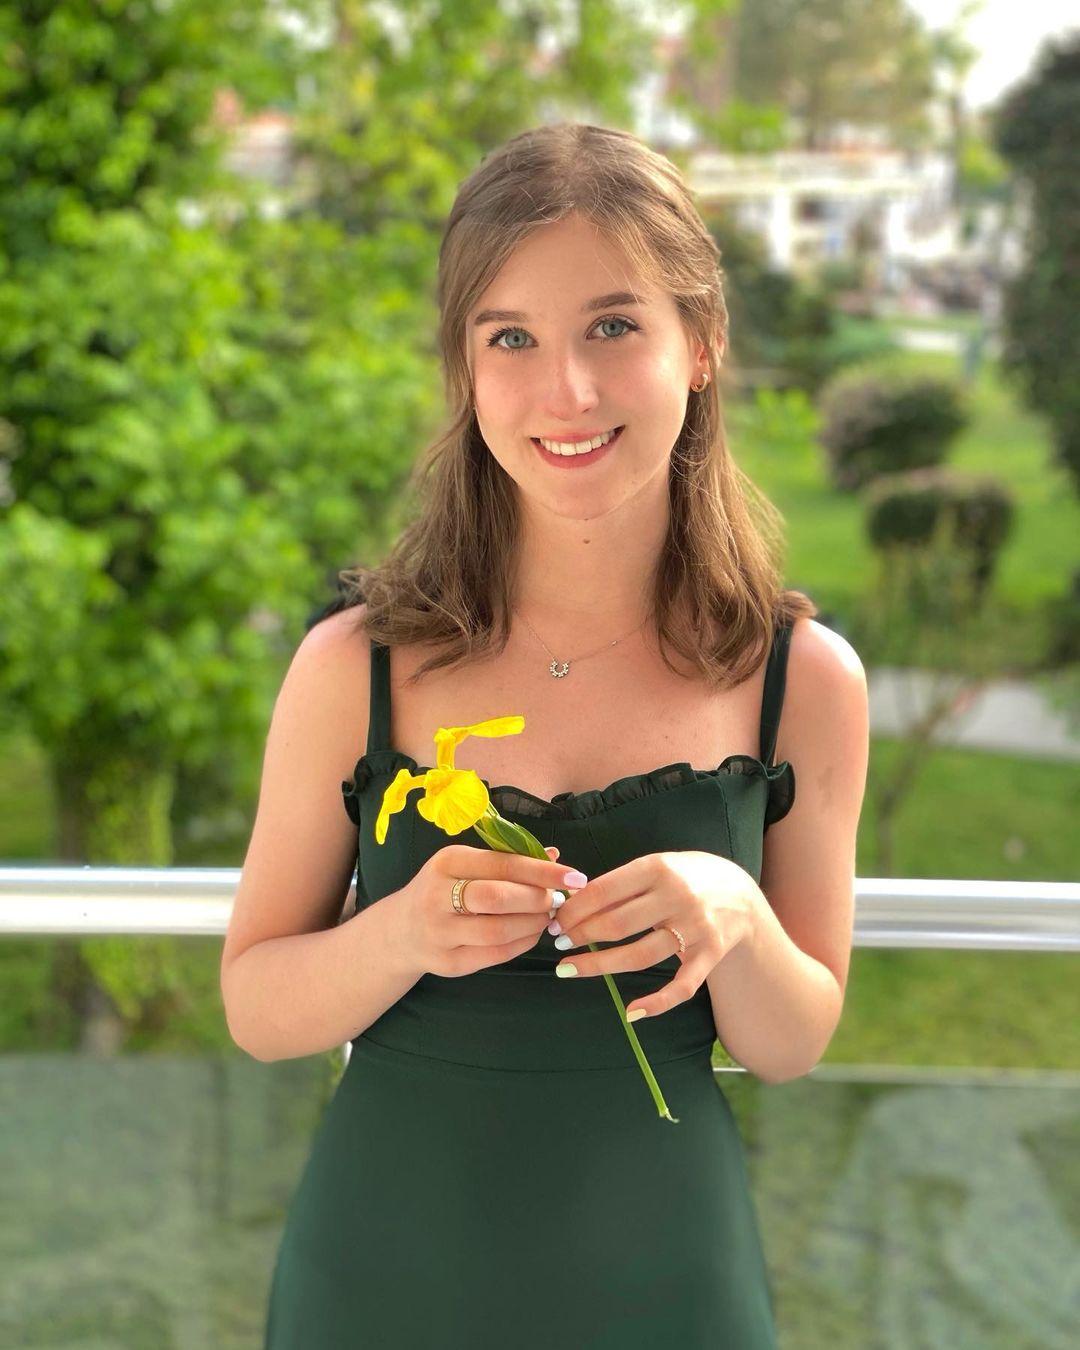 София Стеценко